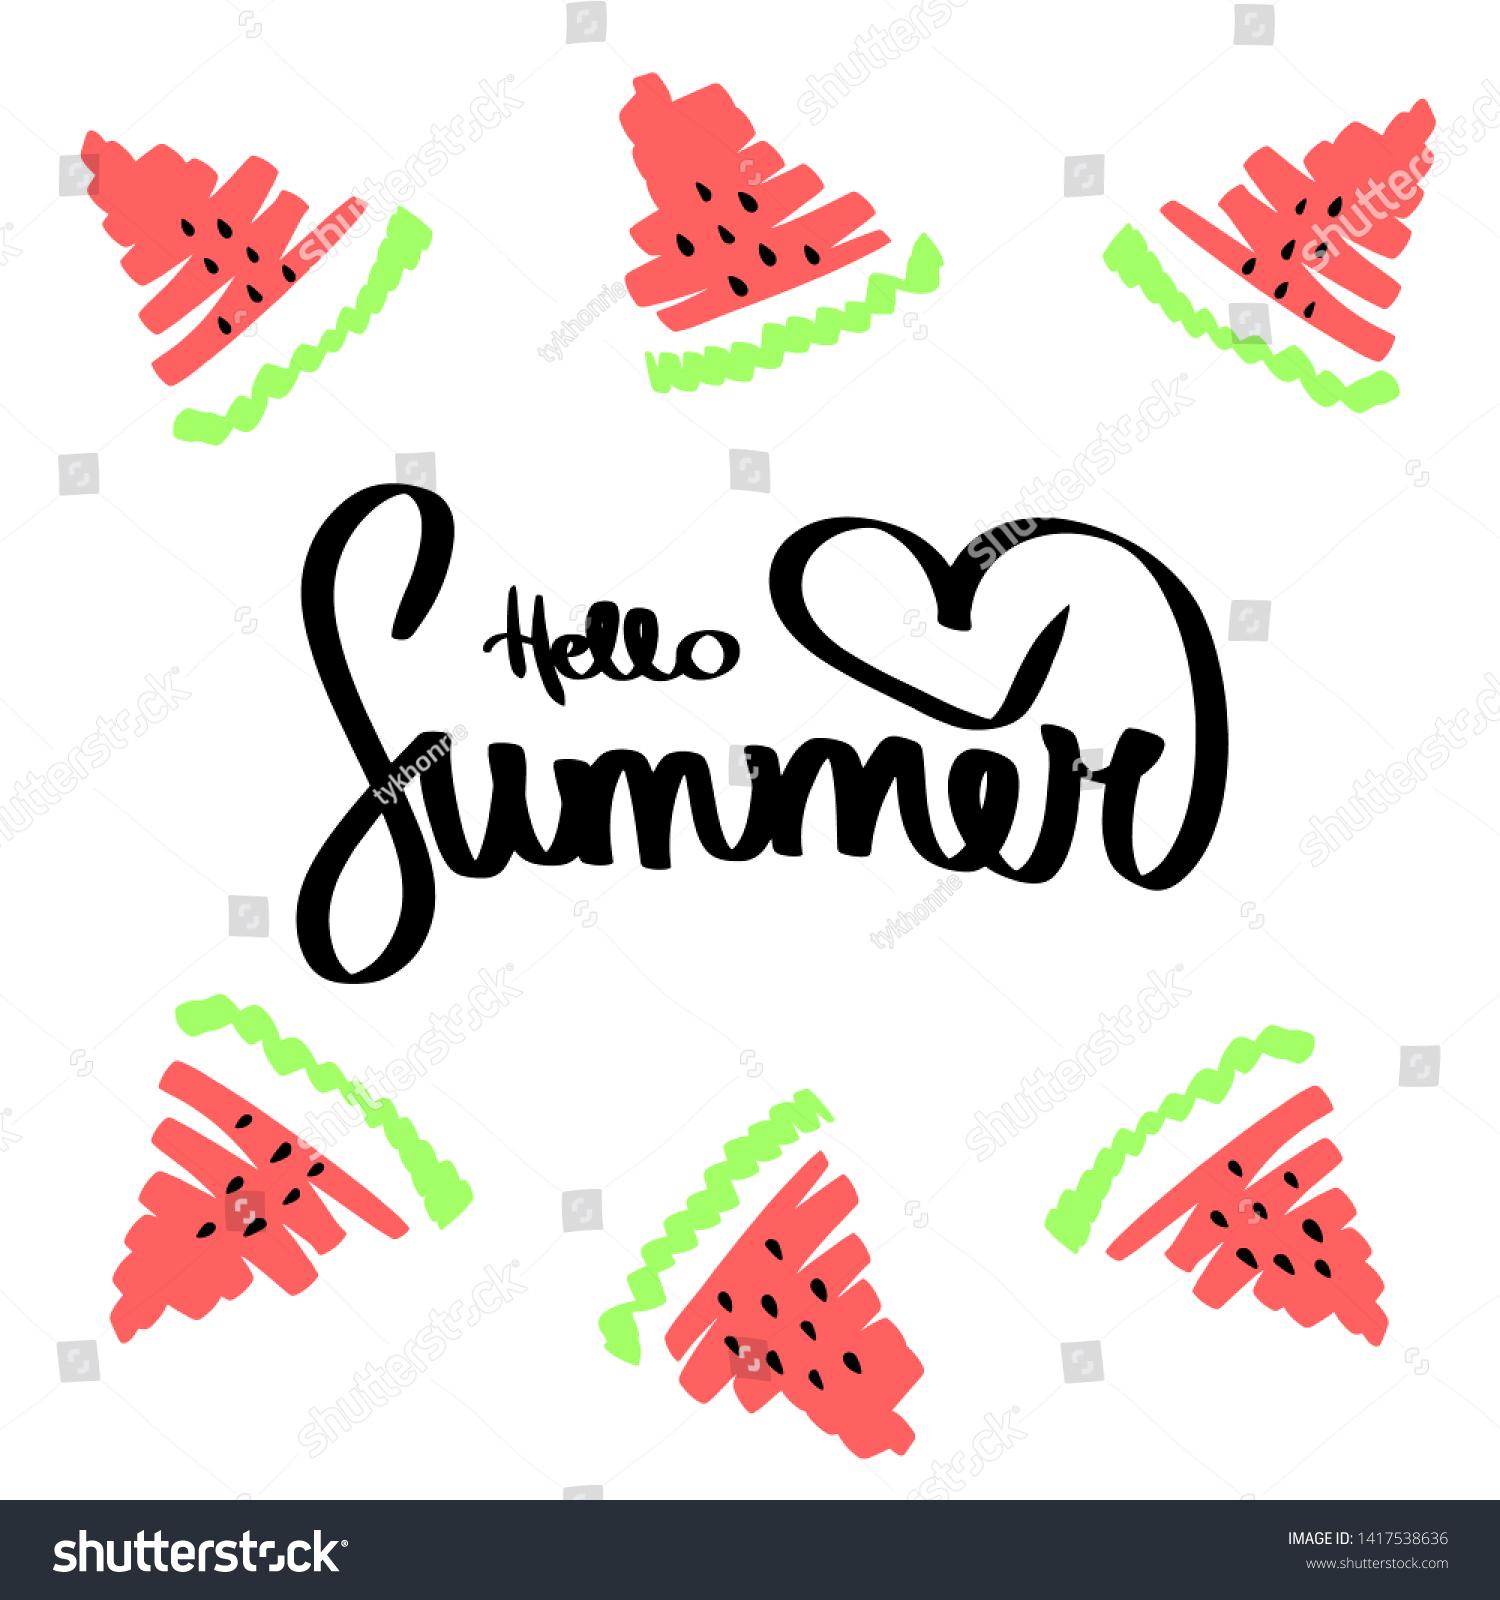 stock-photo-hello-summer-handwritten-ins